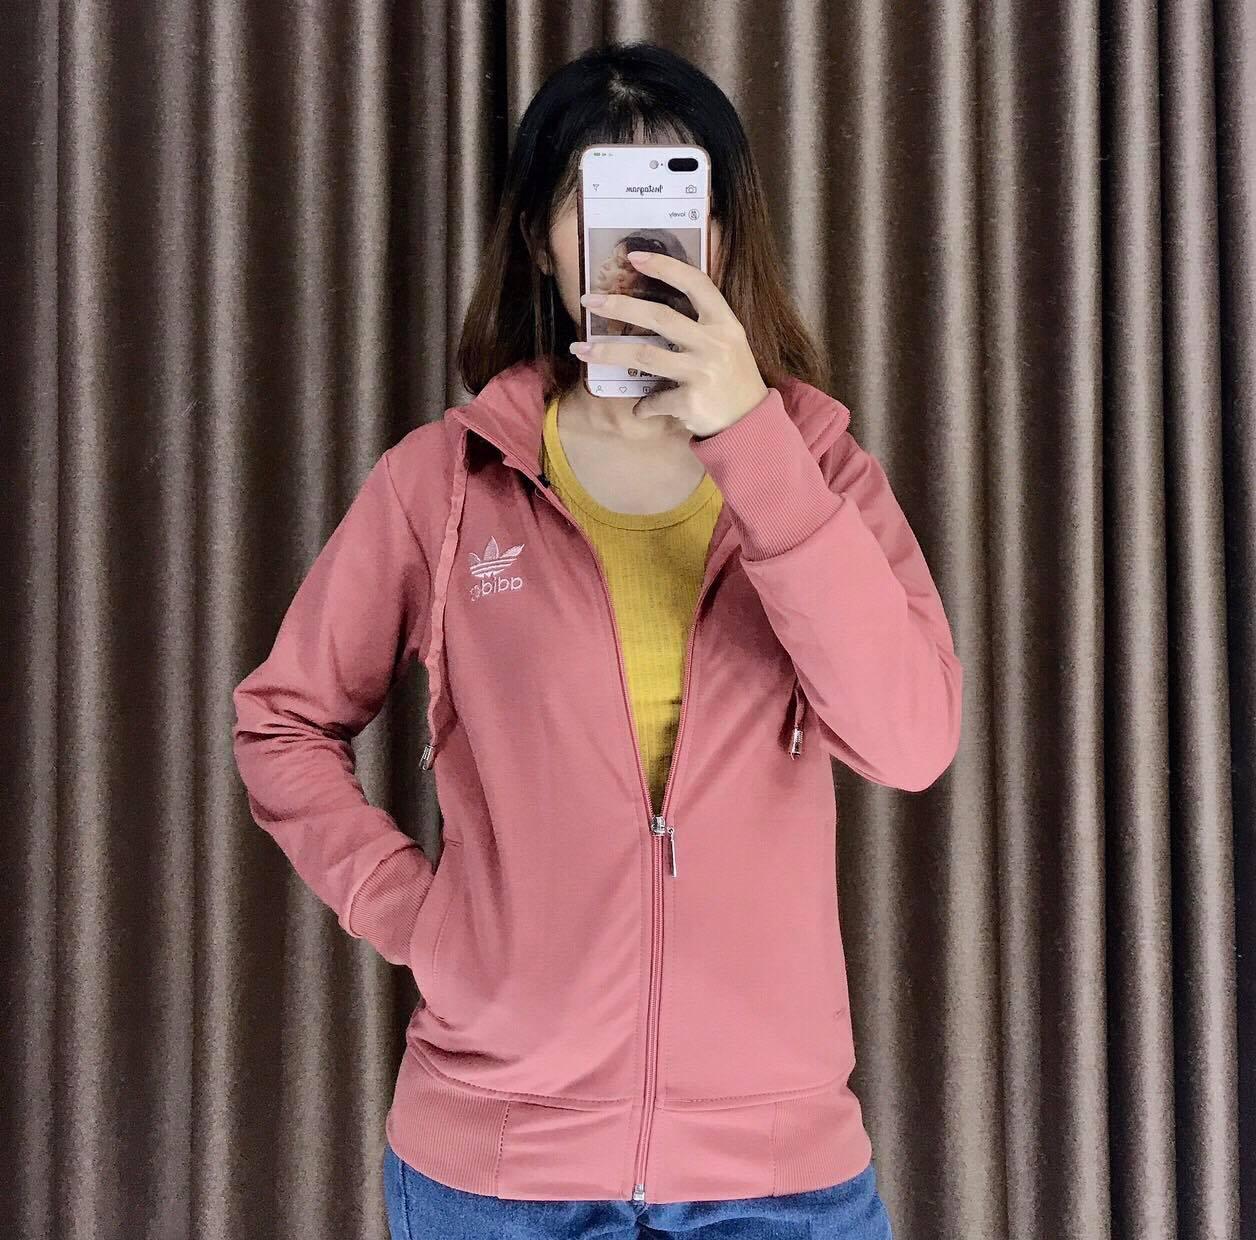 áo khoác chống nắng cao cấp adidas